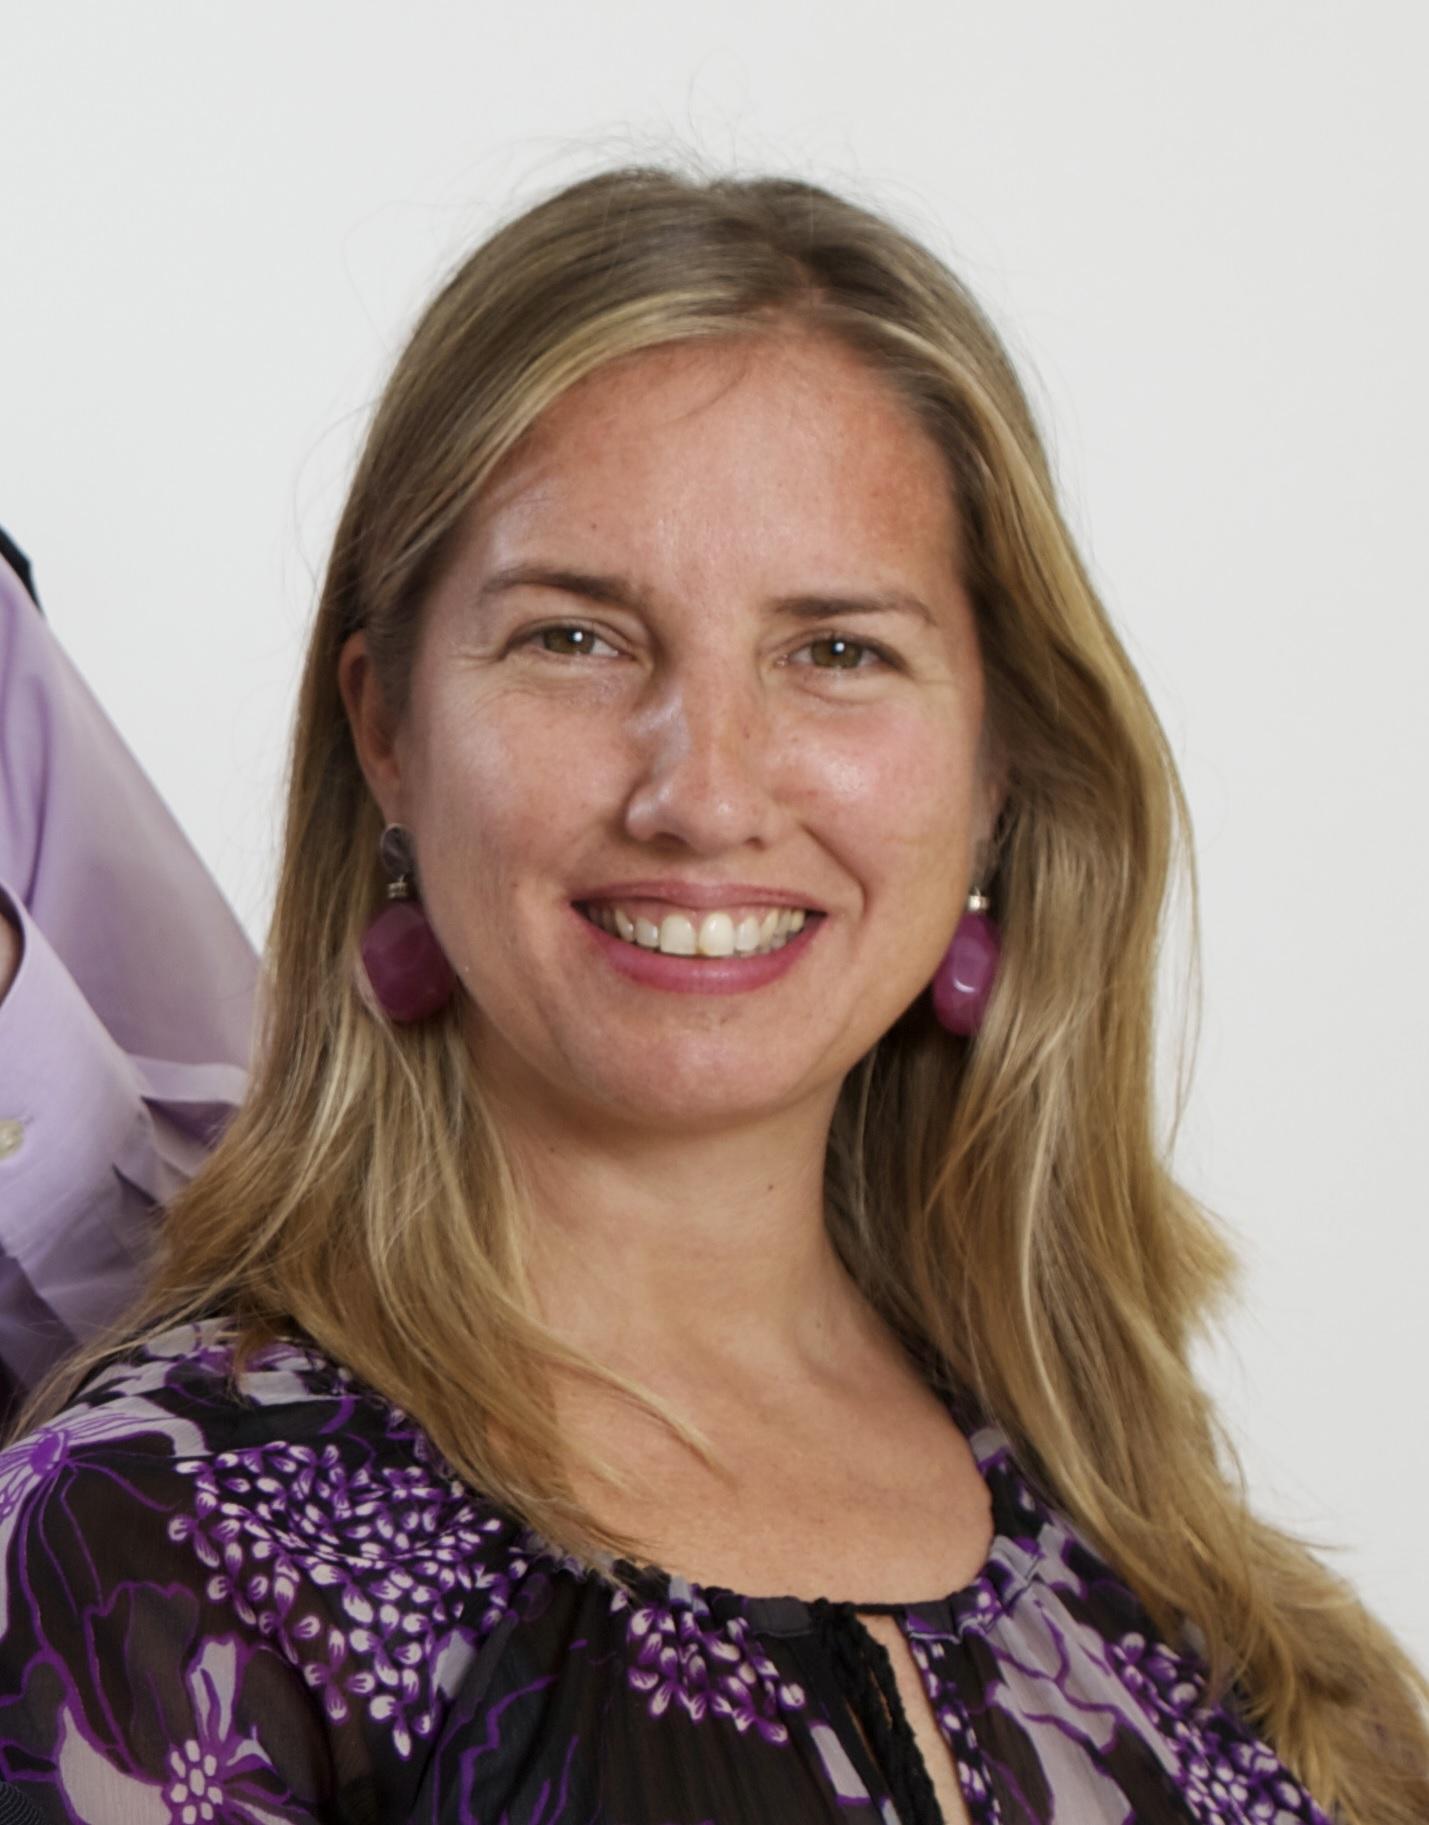 María carrasco